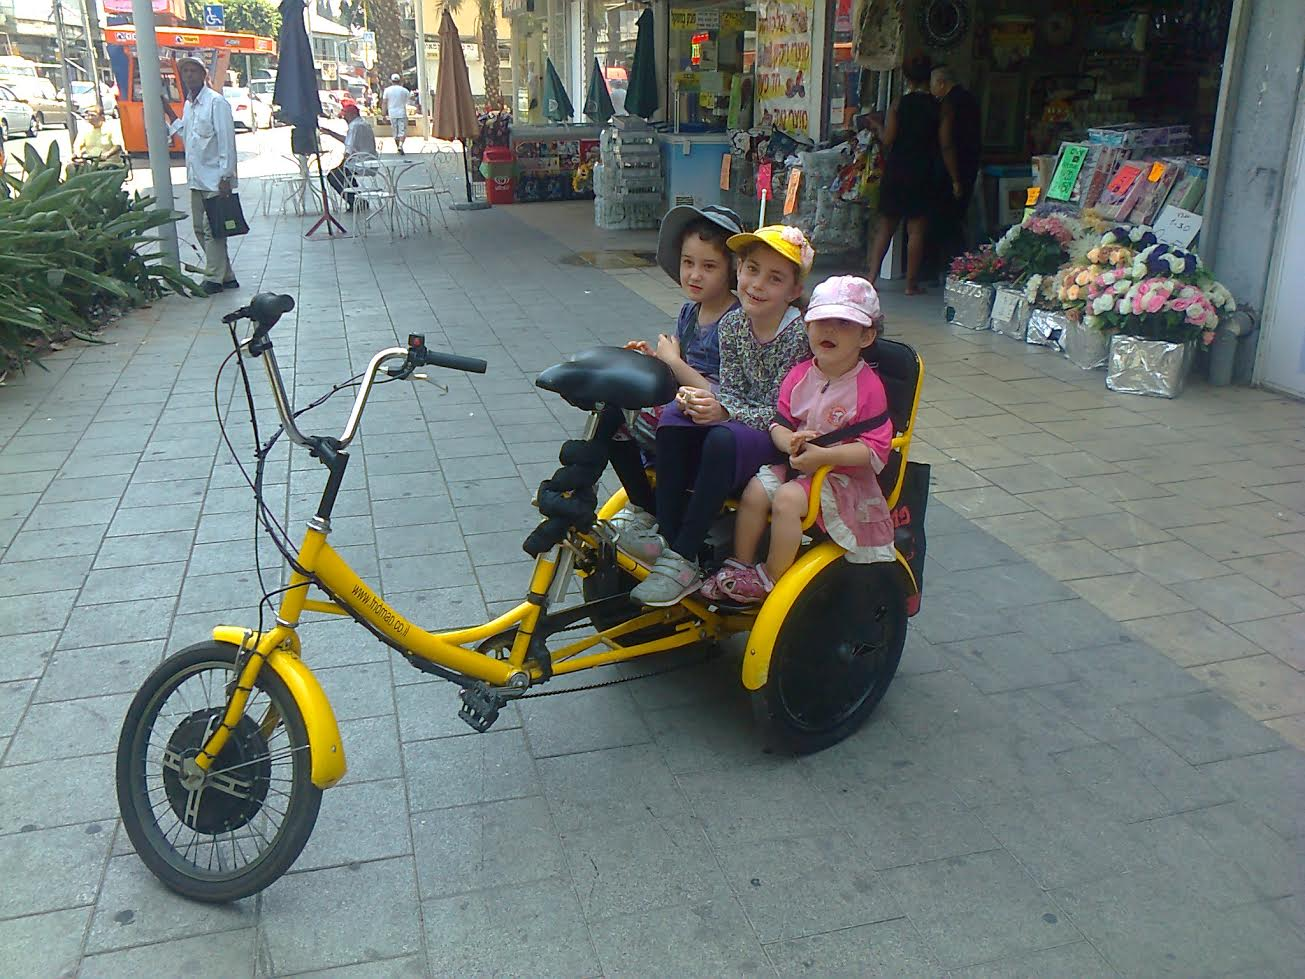 בנות על גלגלים